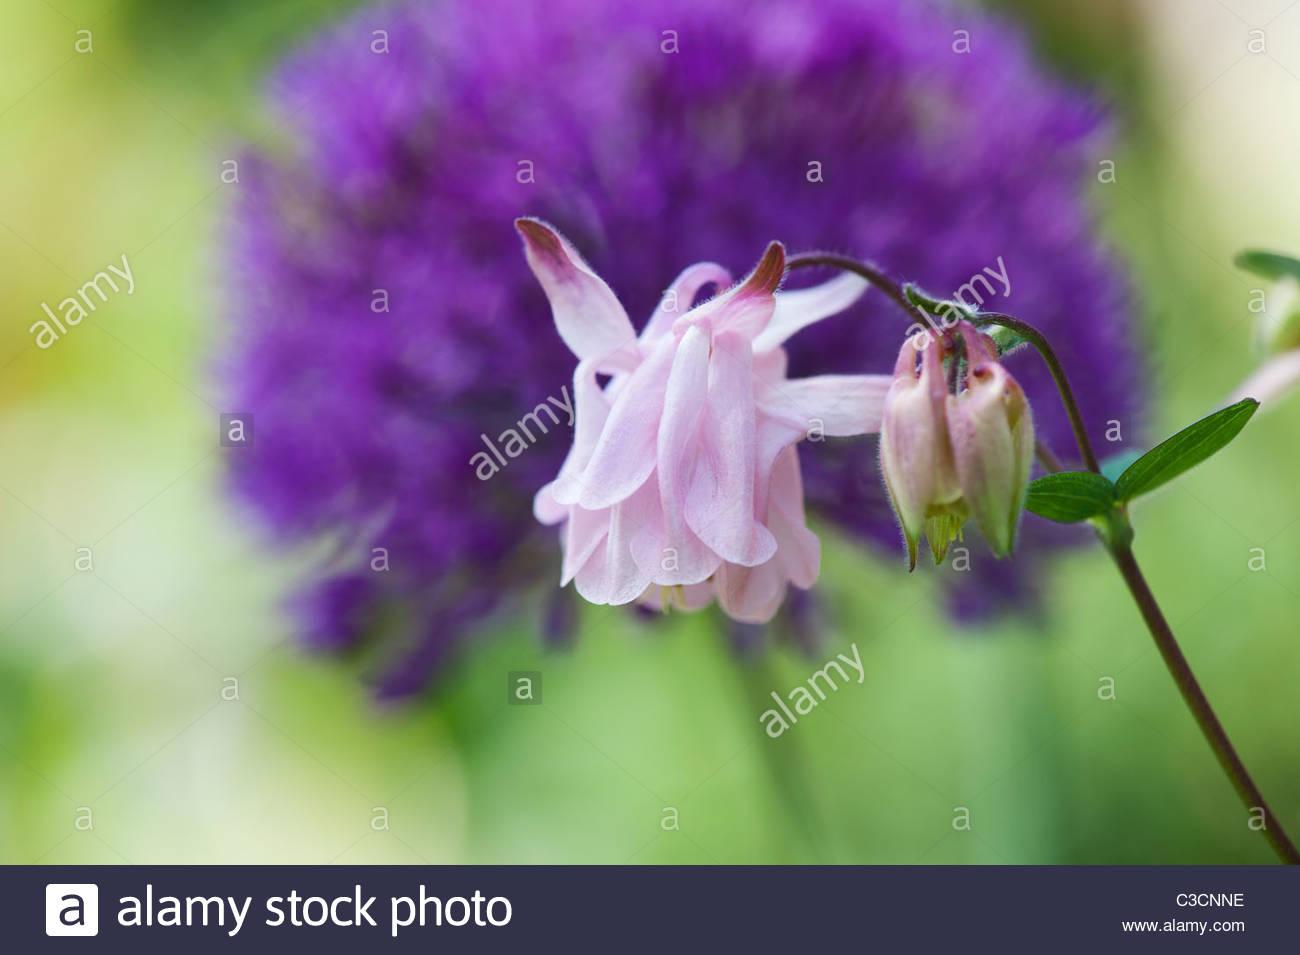 Purple aquilegia columbine flowers stock photos purple aquilegia aquilegia vulgaris flower in front of allium hollandicum purple sensation flower stock image izmirmasajfo